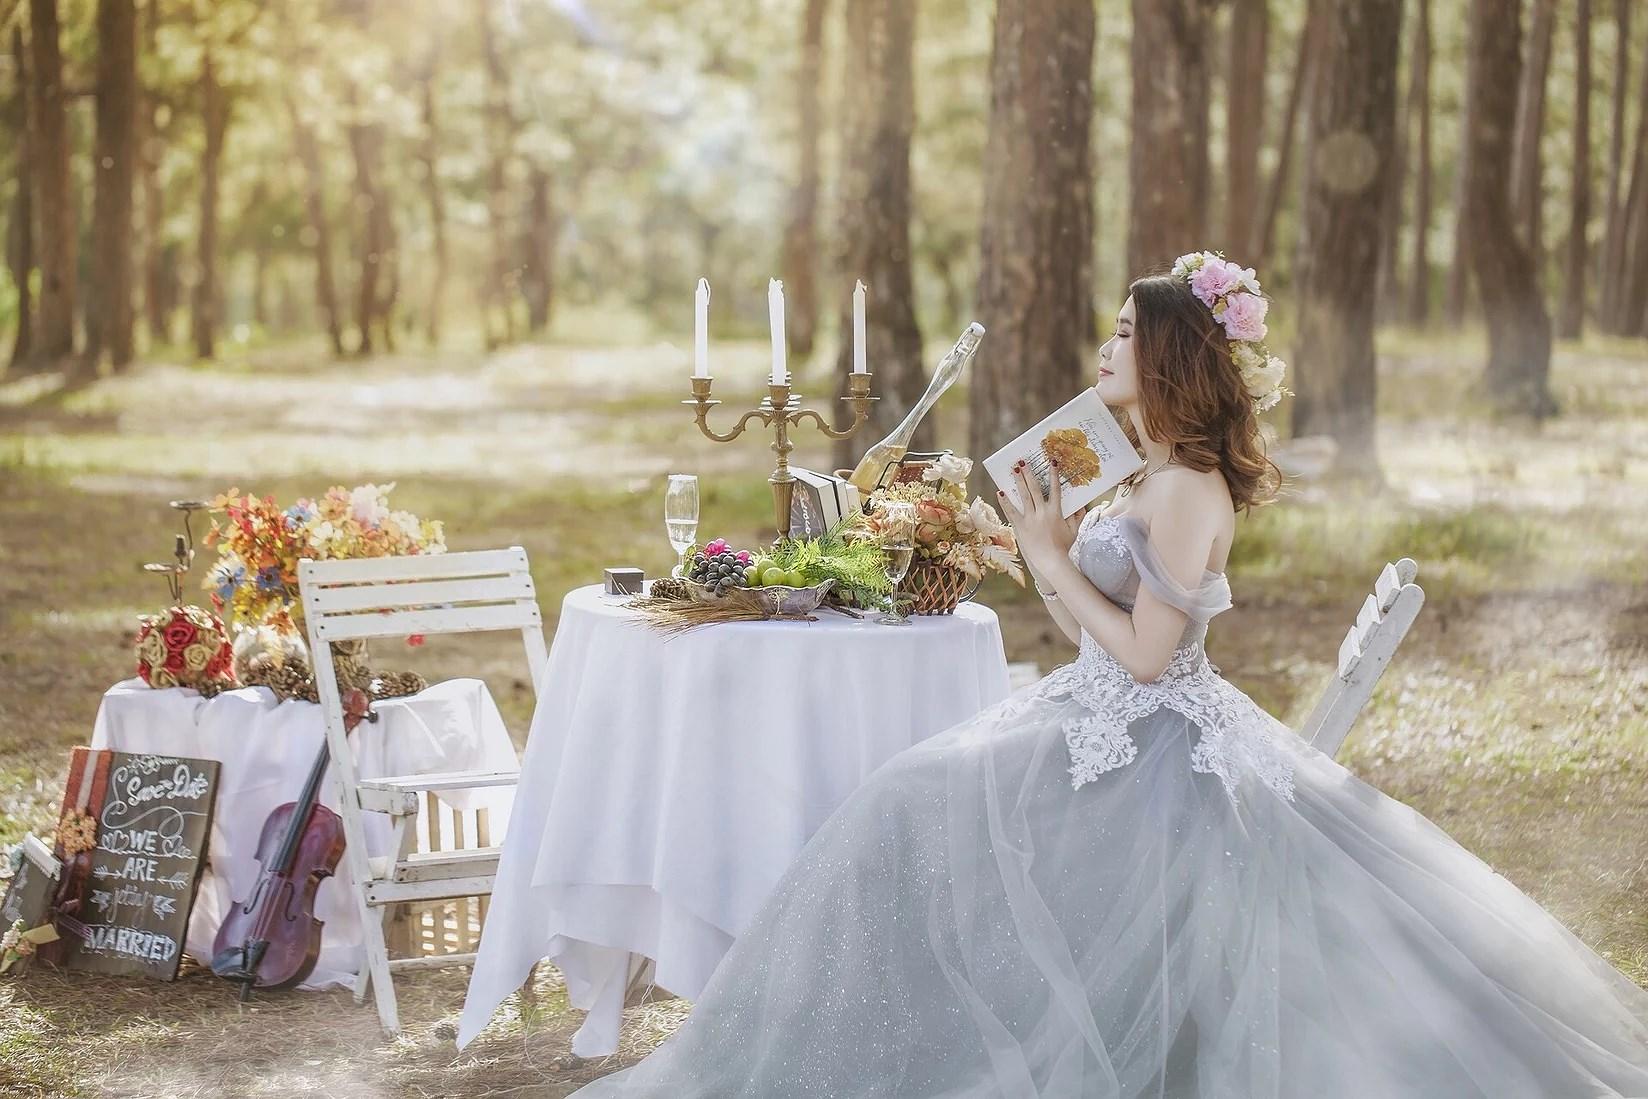 Det är inte ett aprilskämt längre - vi SKA gifta oss